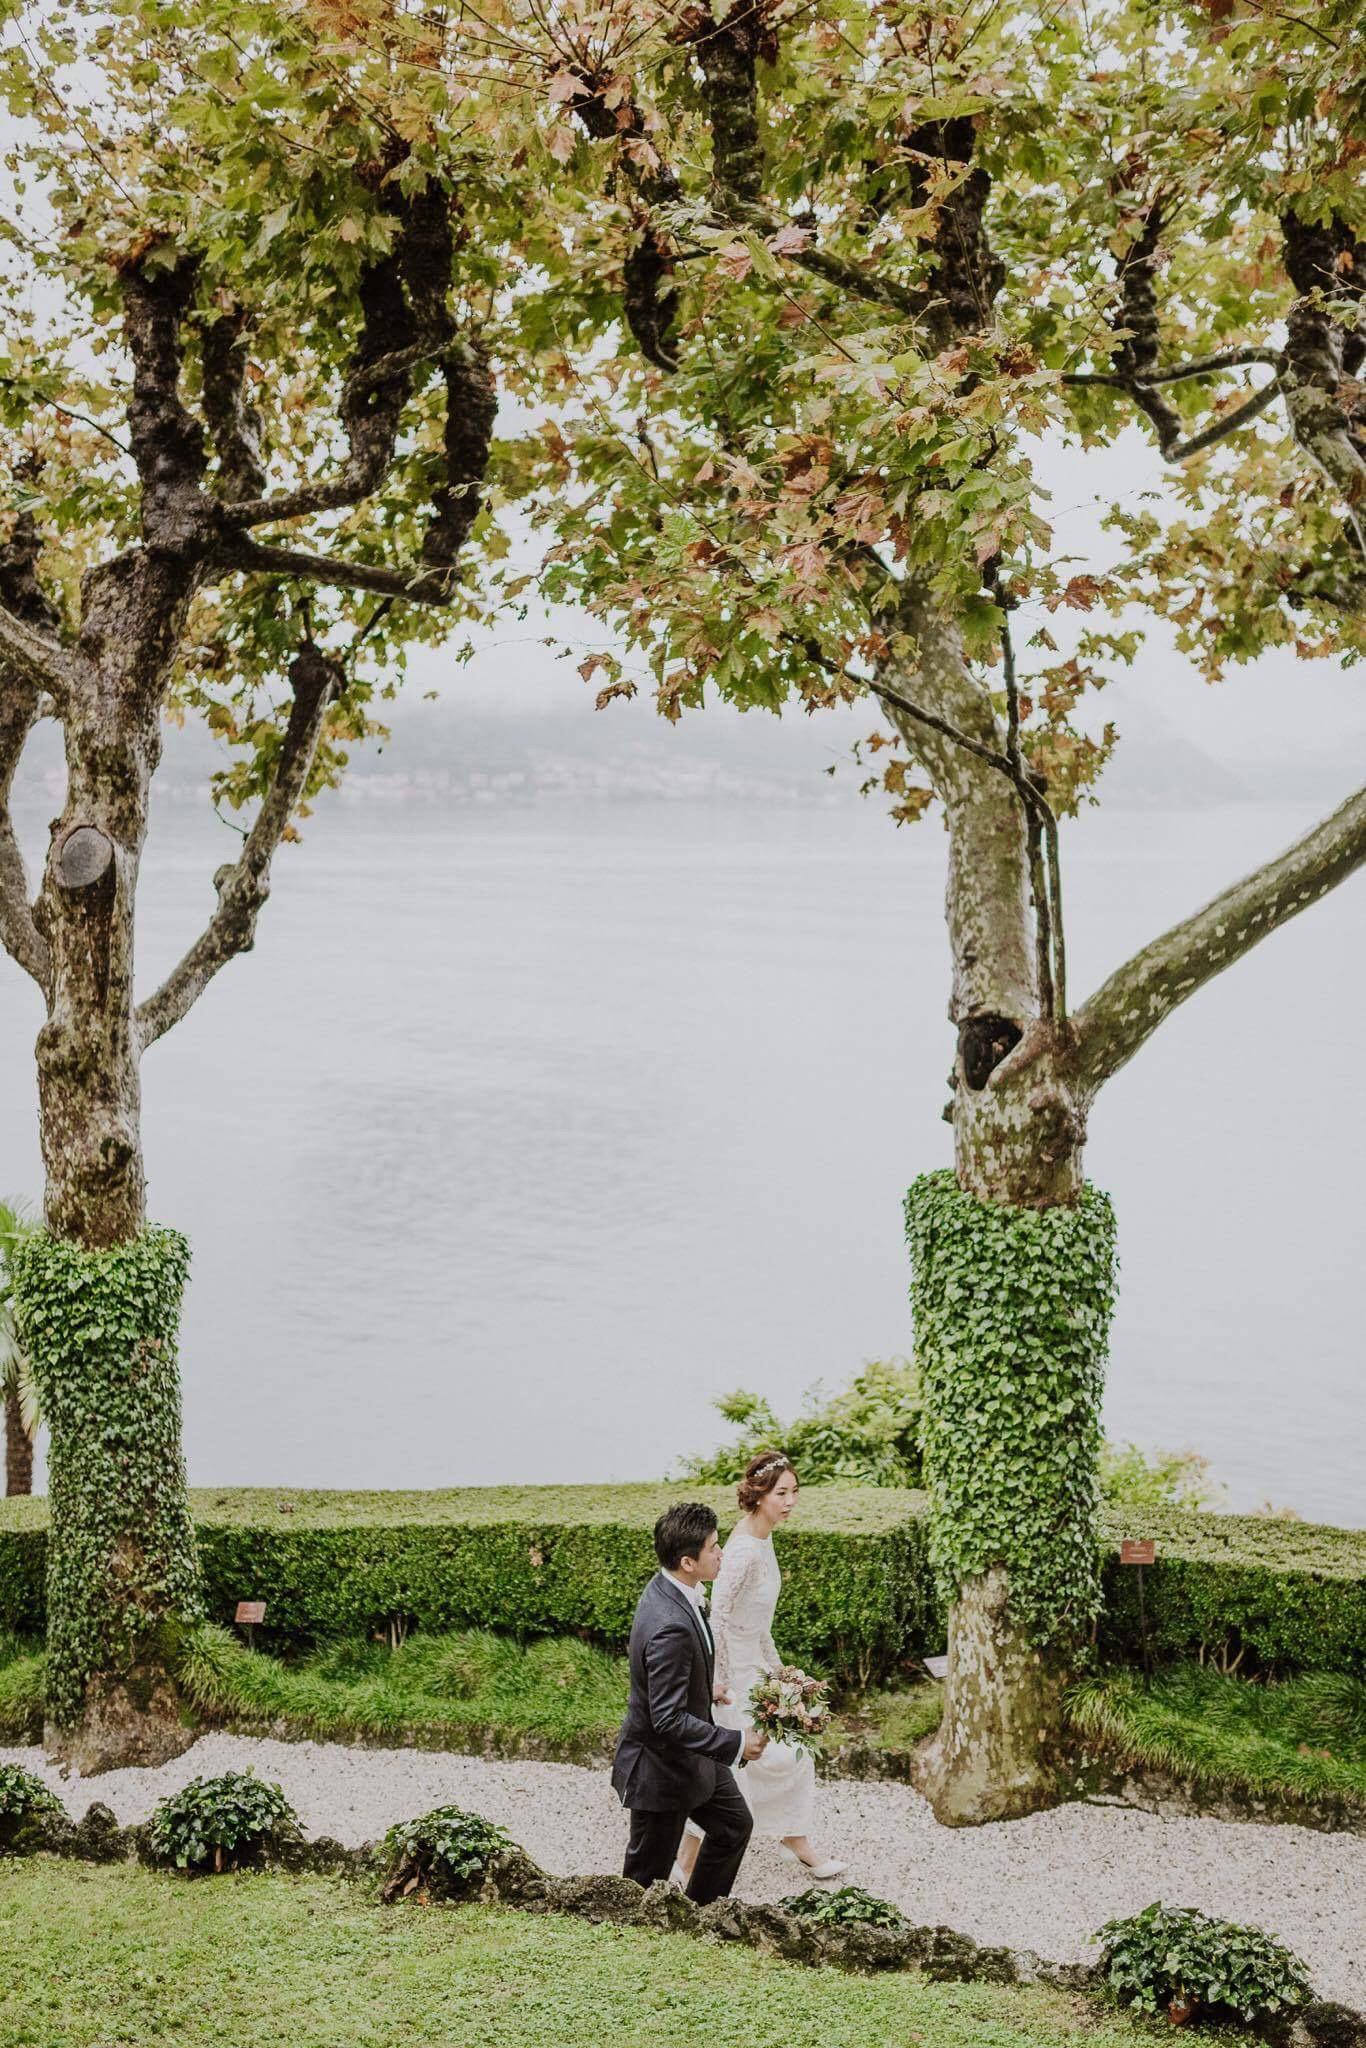 夢中的婚禮:3 個異國浪漫婚禮場地 lake como